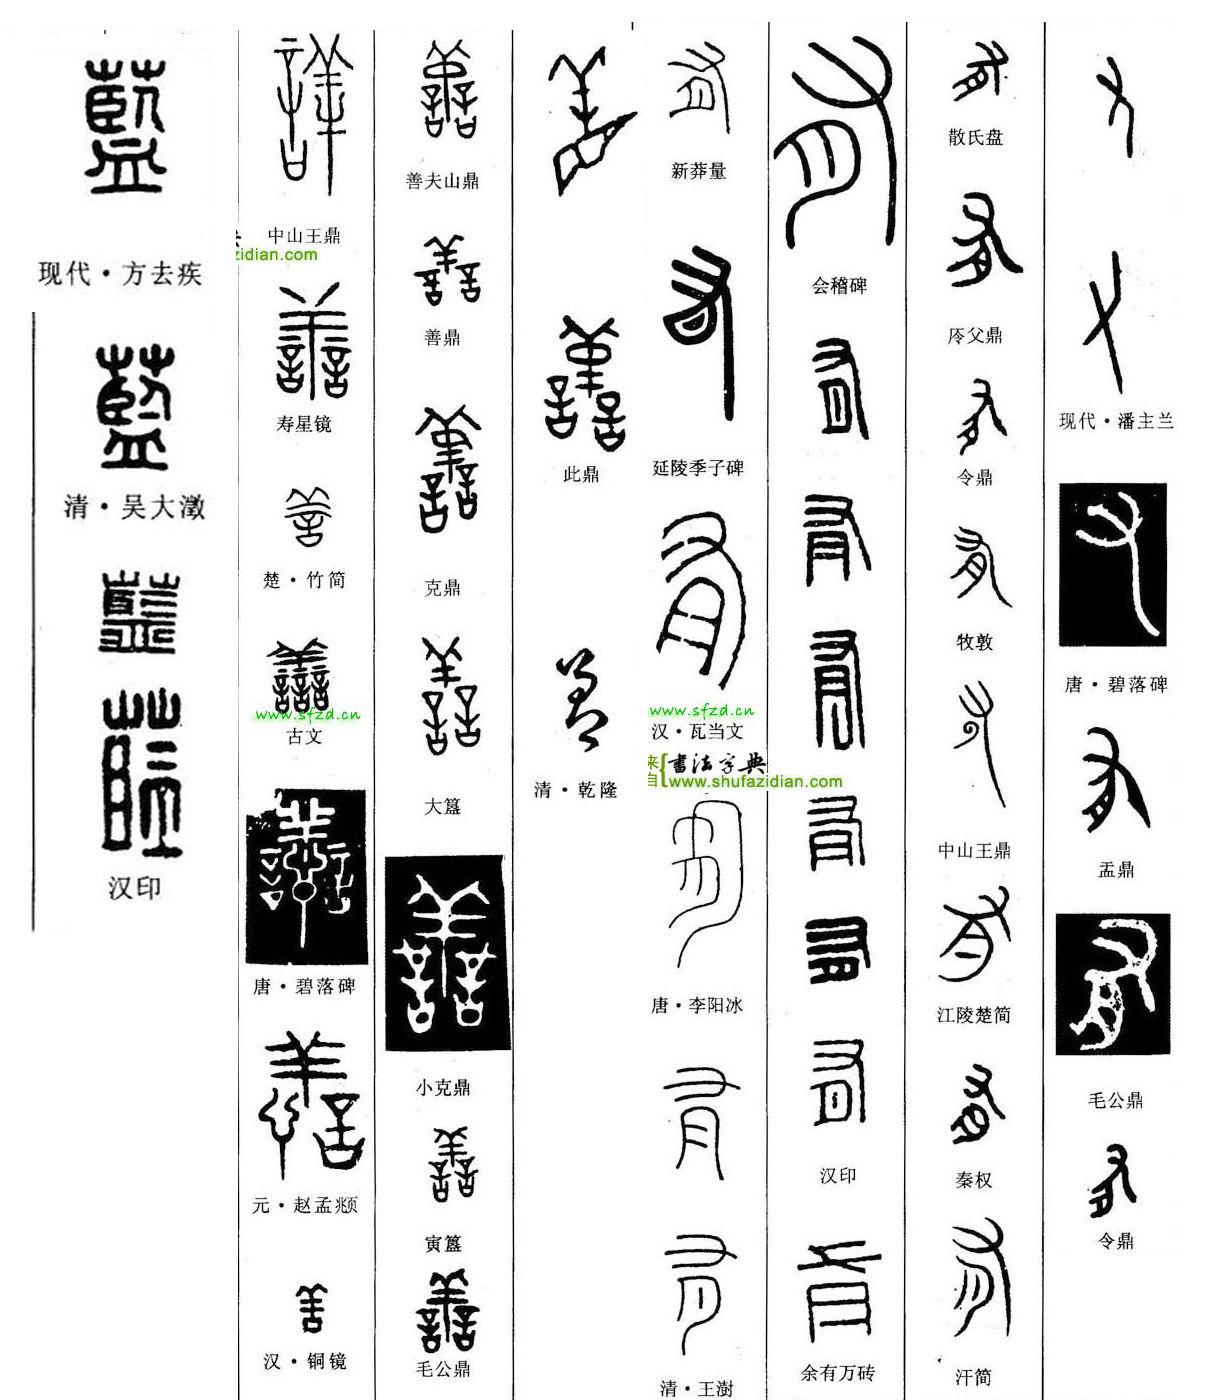 [蓝善有]三个字历代书家篆书案例仅供参考.见图